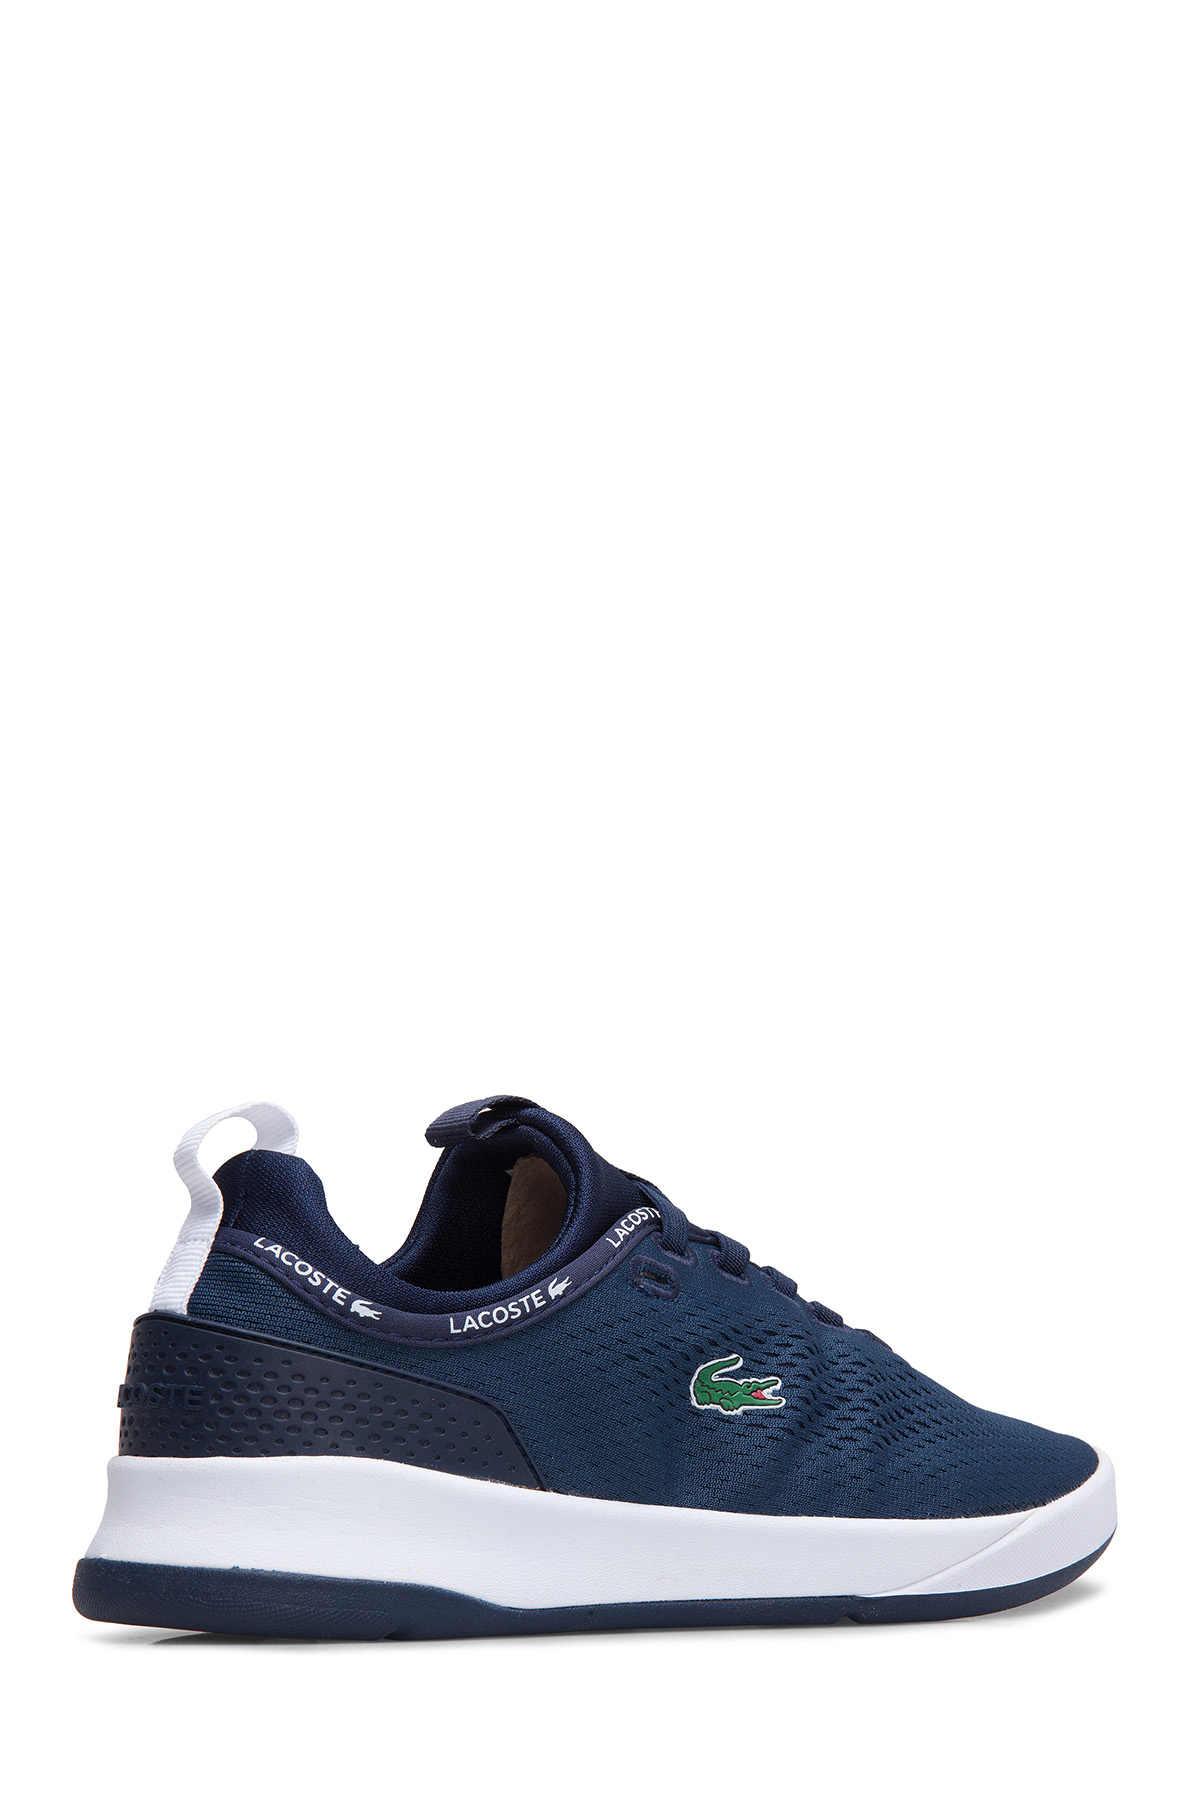 lacoste sale shoes - 59% OFF - plykart.com